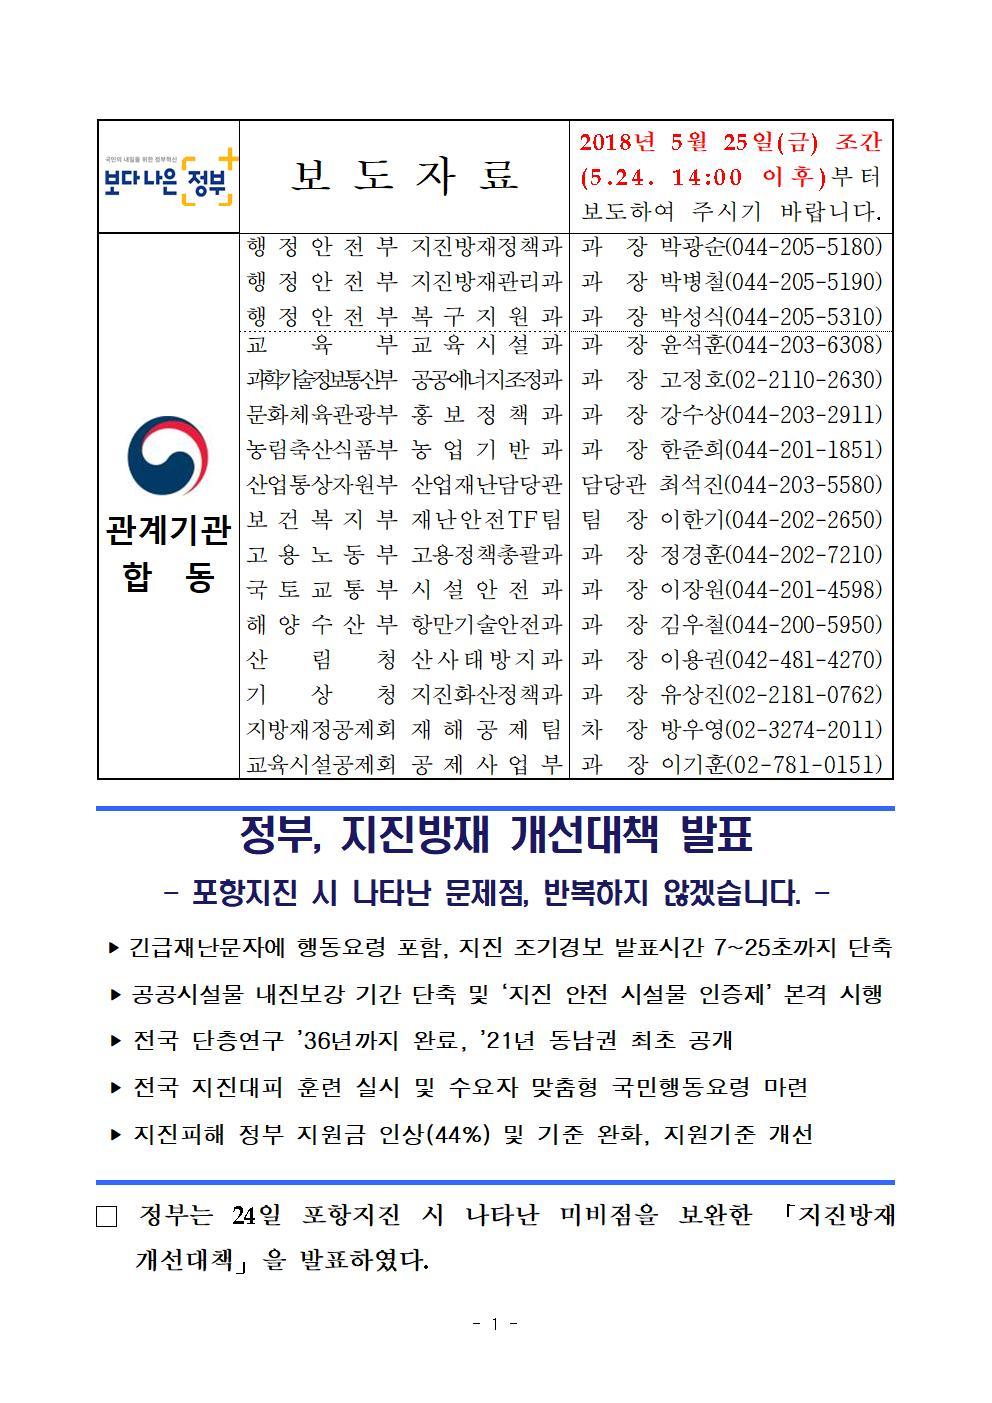 180525 (지진방재정책과 등) 정부 지진방재 개선대책 발표(외부)001.jpg